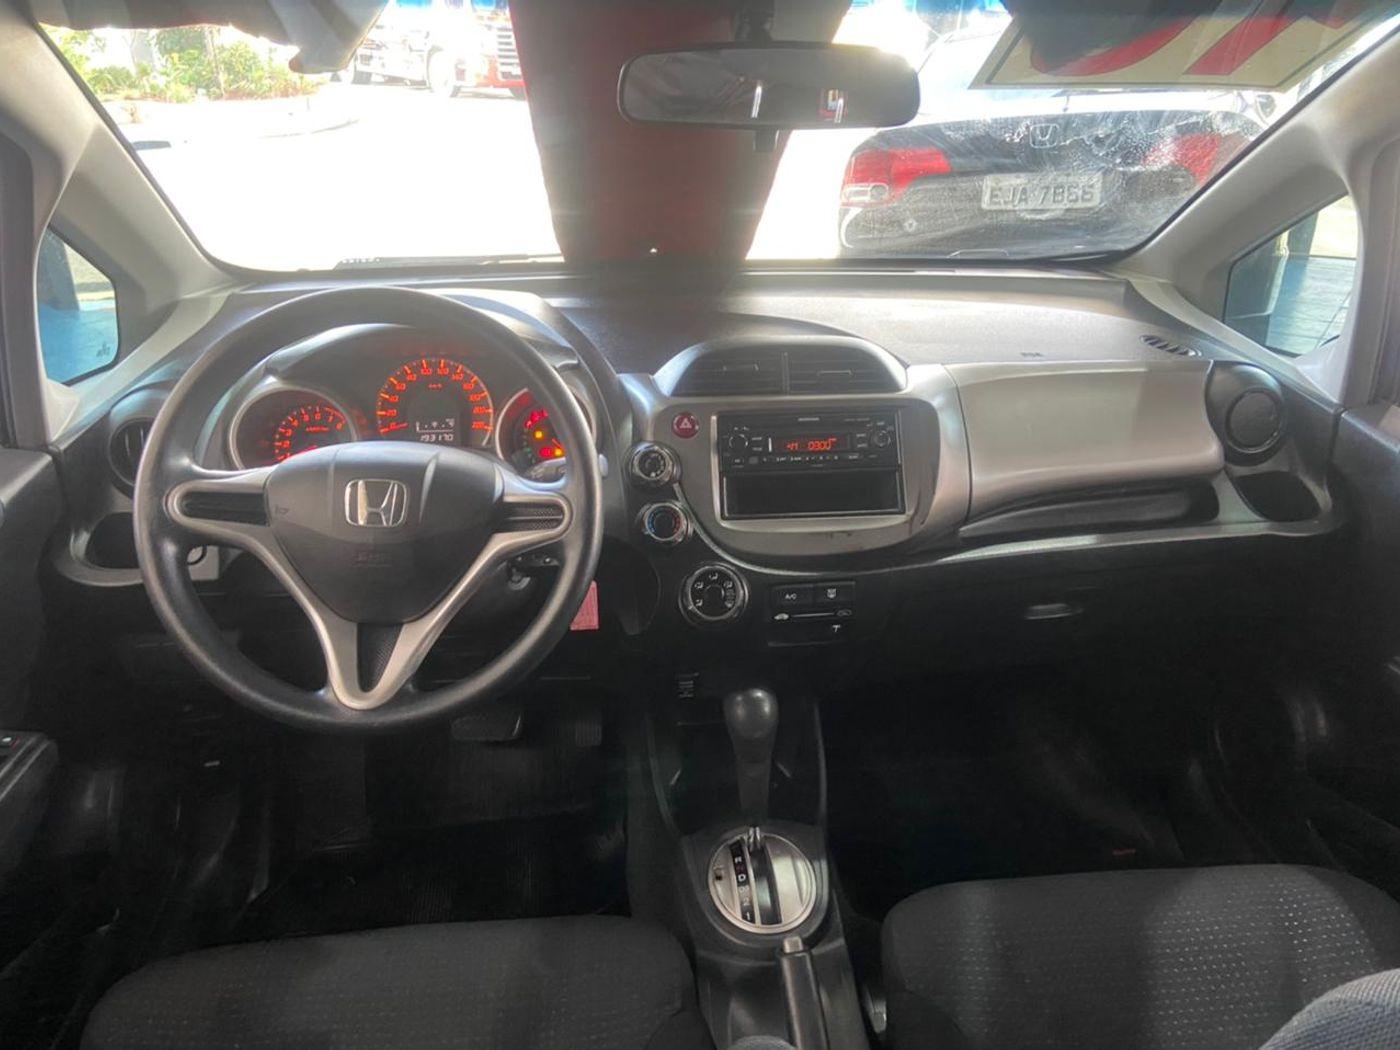 Honda Fit LXL 1.4/ 1.4 Flex 8V/16V 5p Aut.